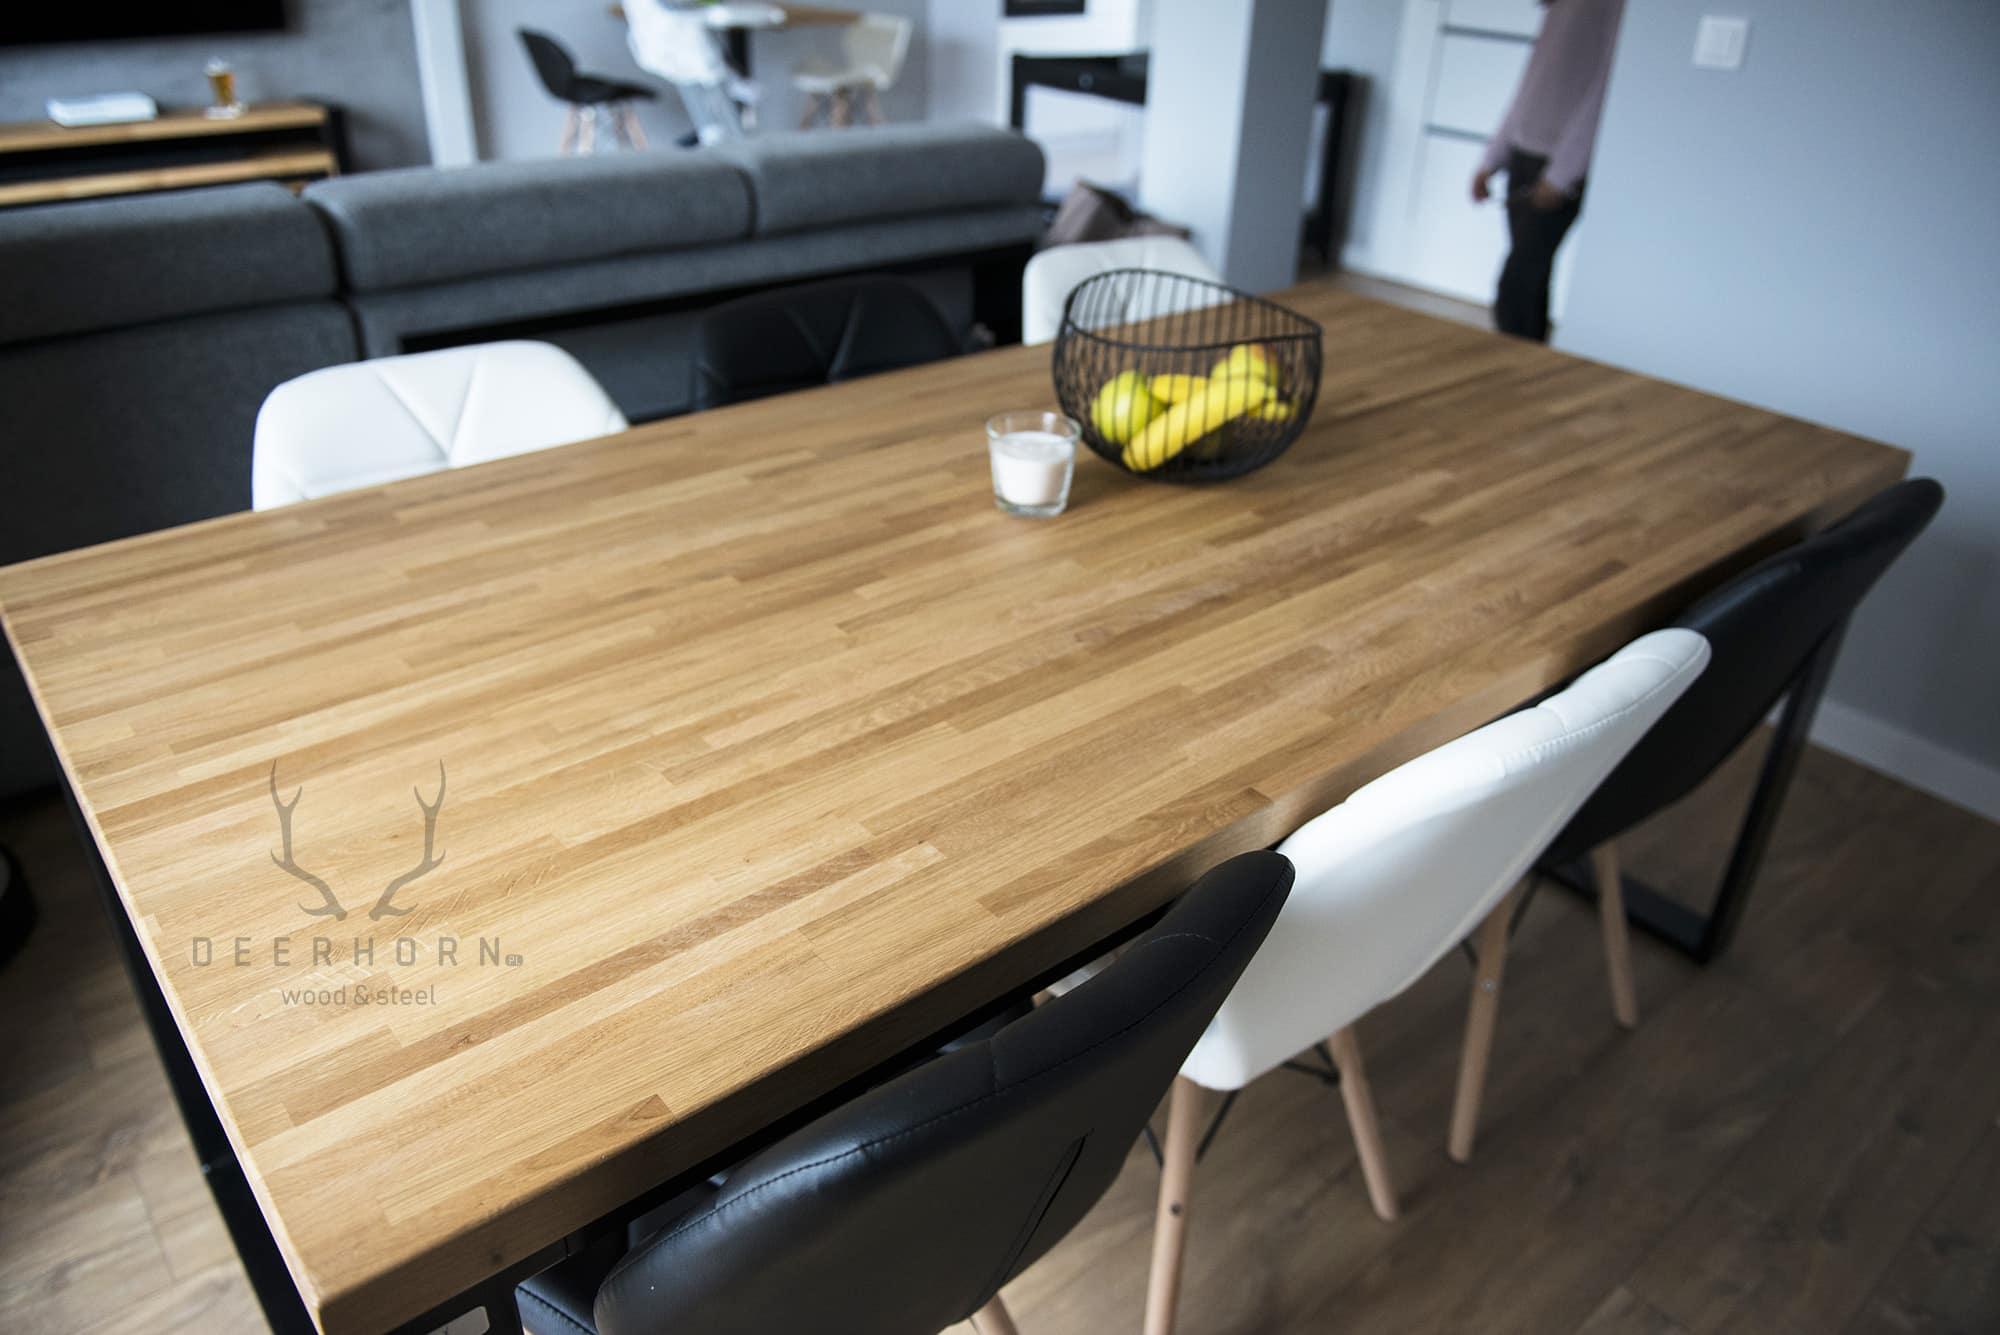 stoł industrialny zdrewnianym blatem